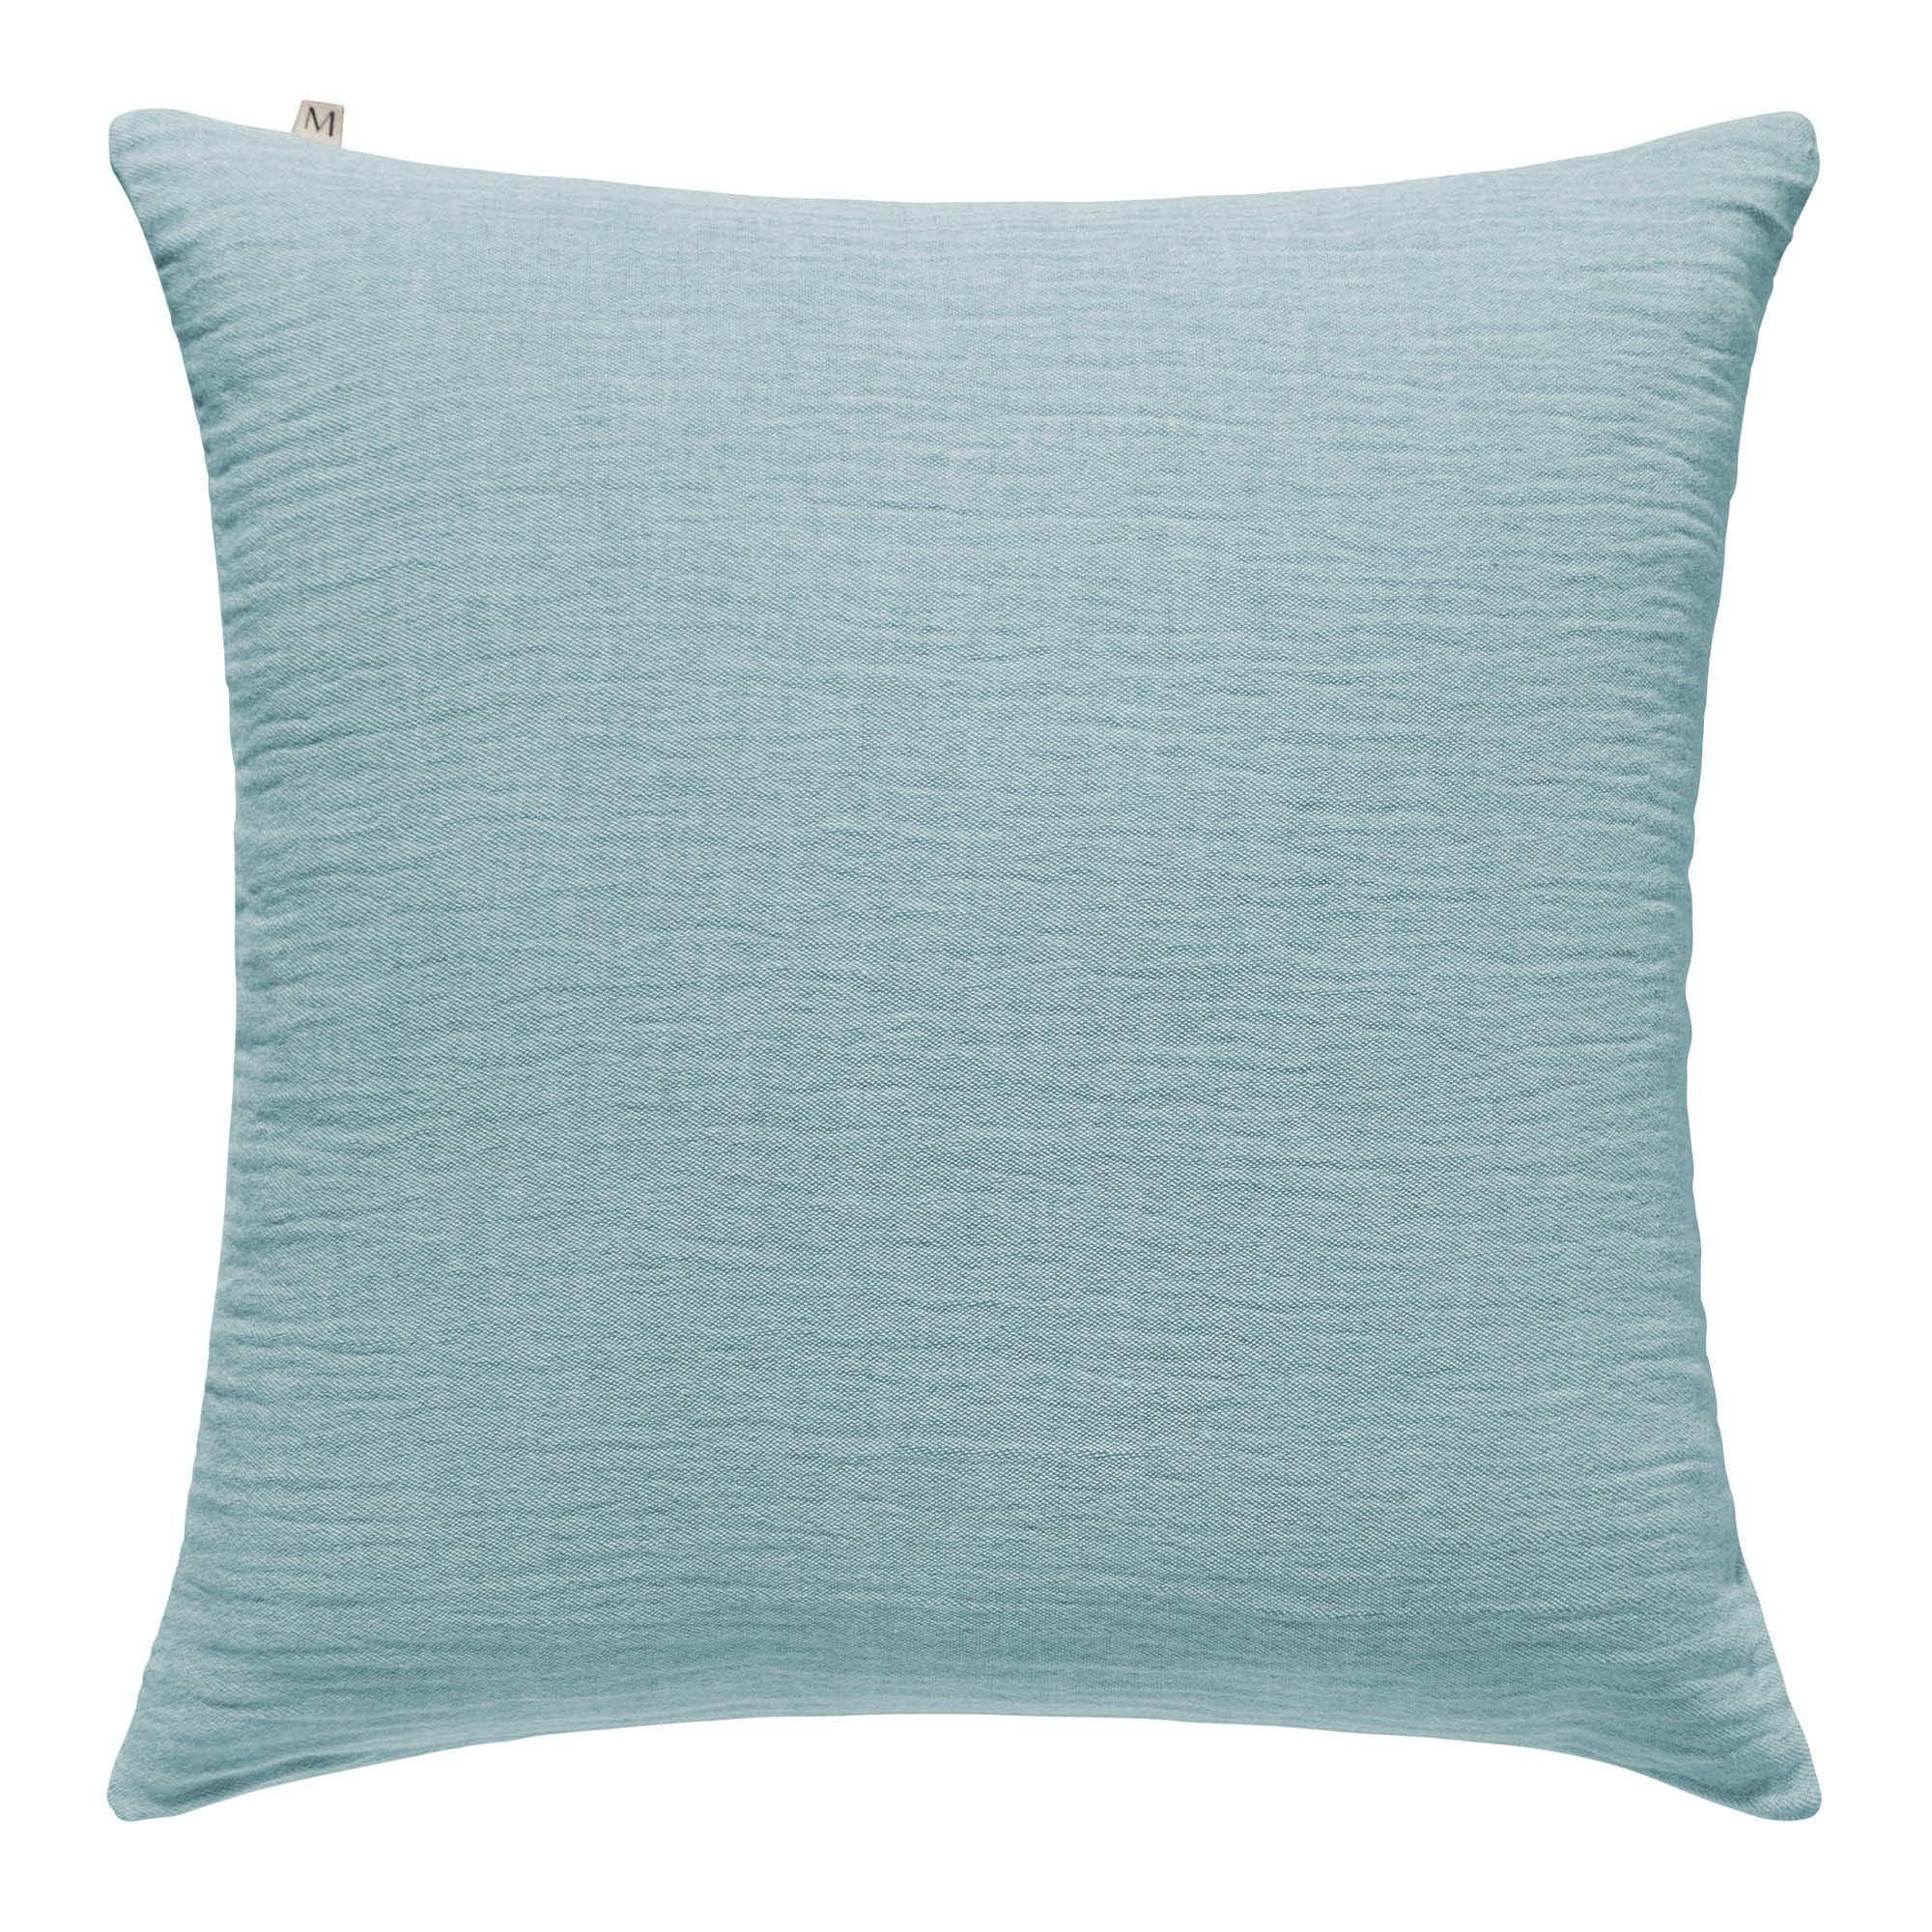 Housse de coussin 50x50 cm Bleu aigue-marine en Coton